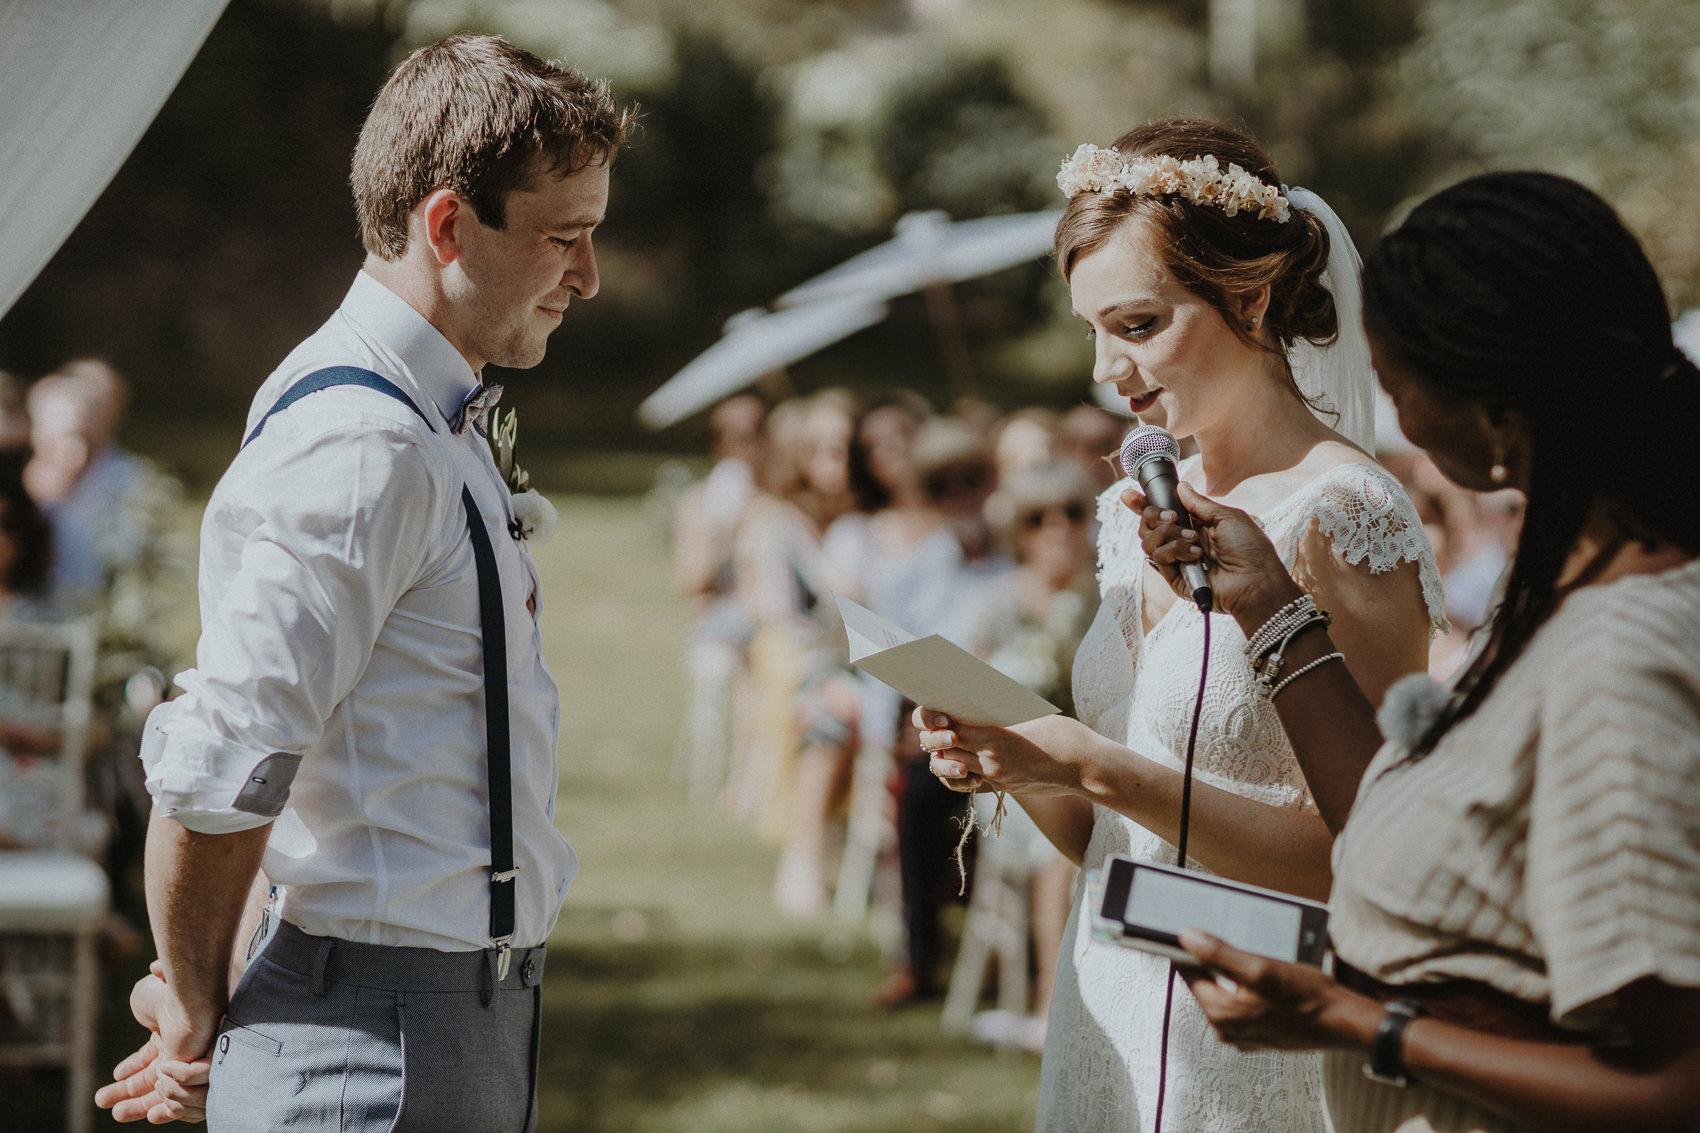 Sarah & Bill | Summer wedding at Cortijo Rosa Blanca | Marbella - Spain 77